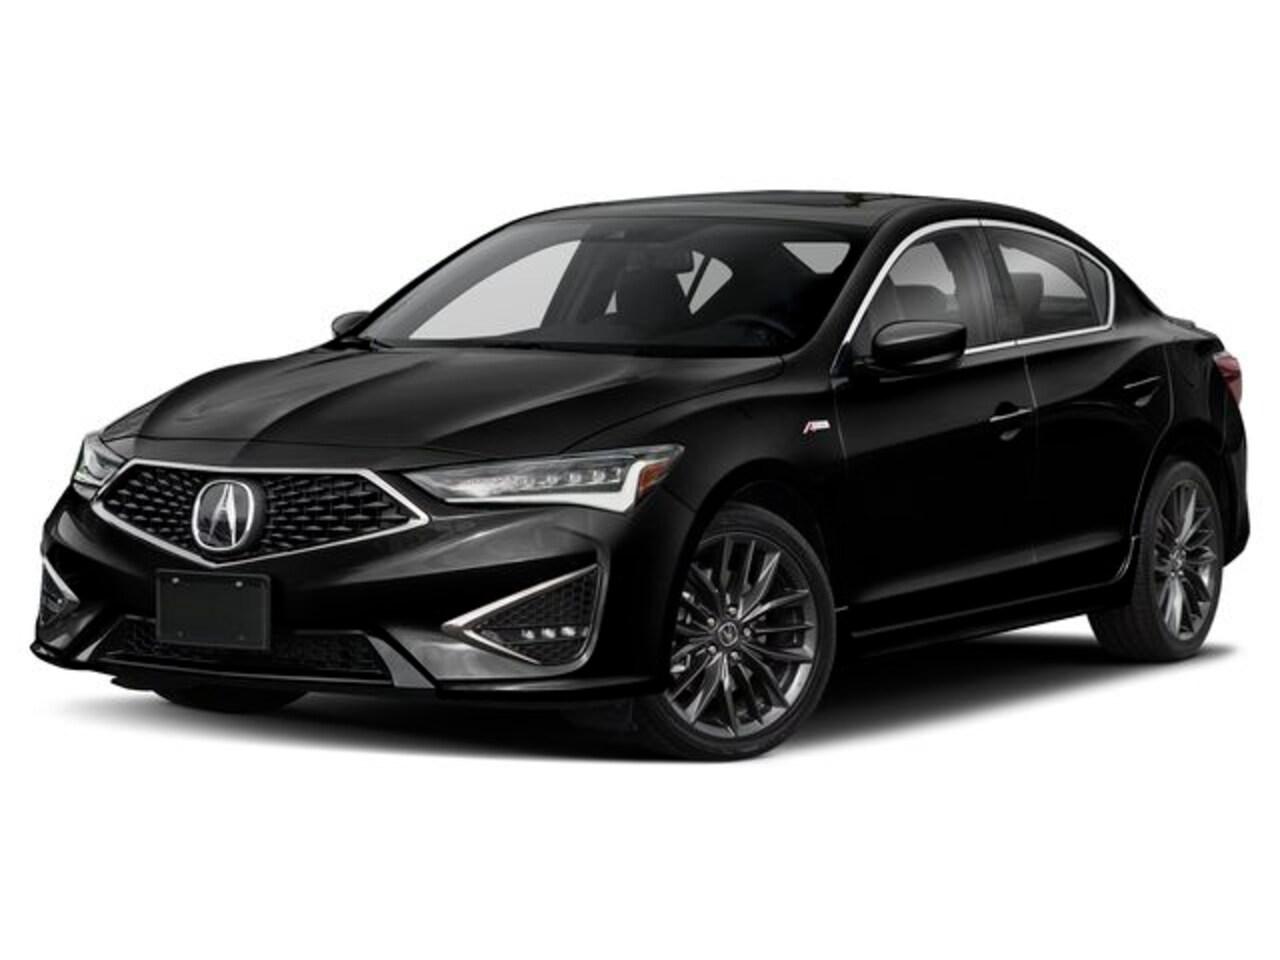 2019 Acura ILX A-Spec Premium 8dct